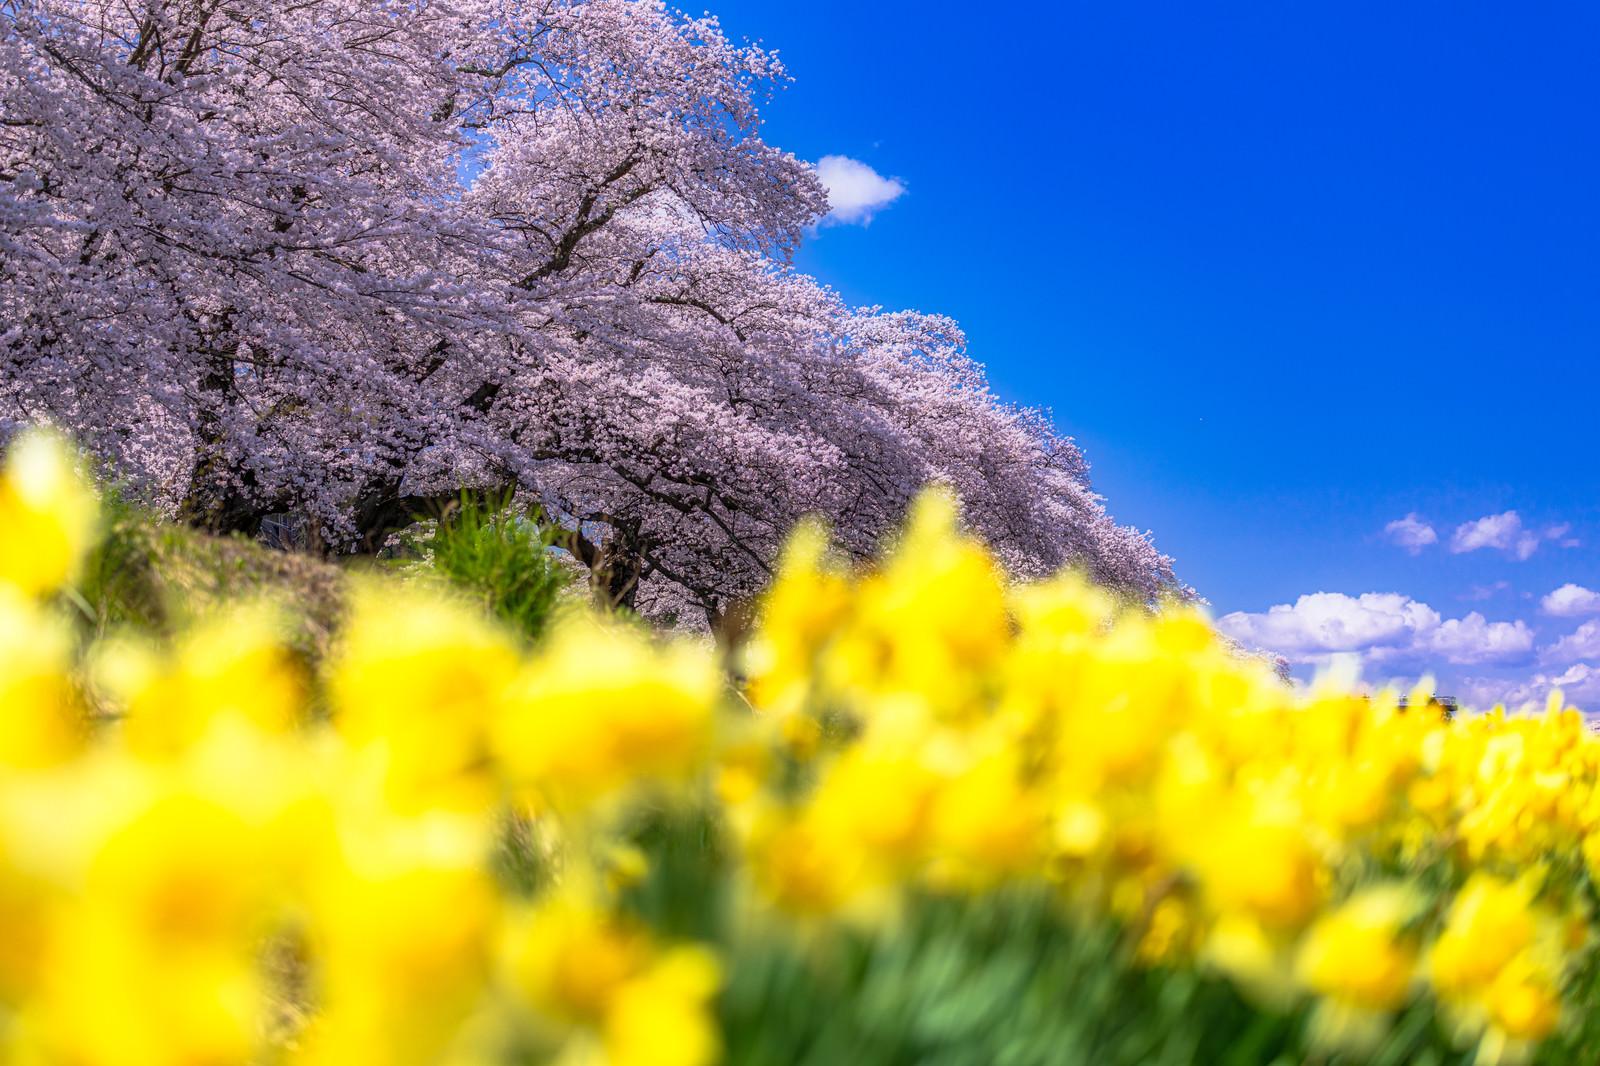 「桜並木と黄色い花」の写真